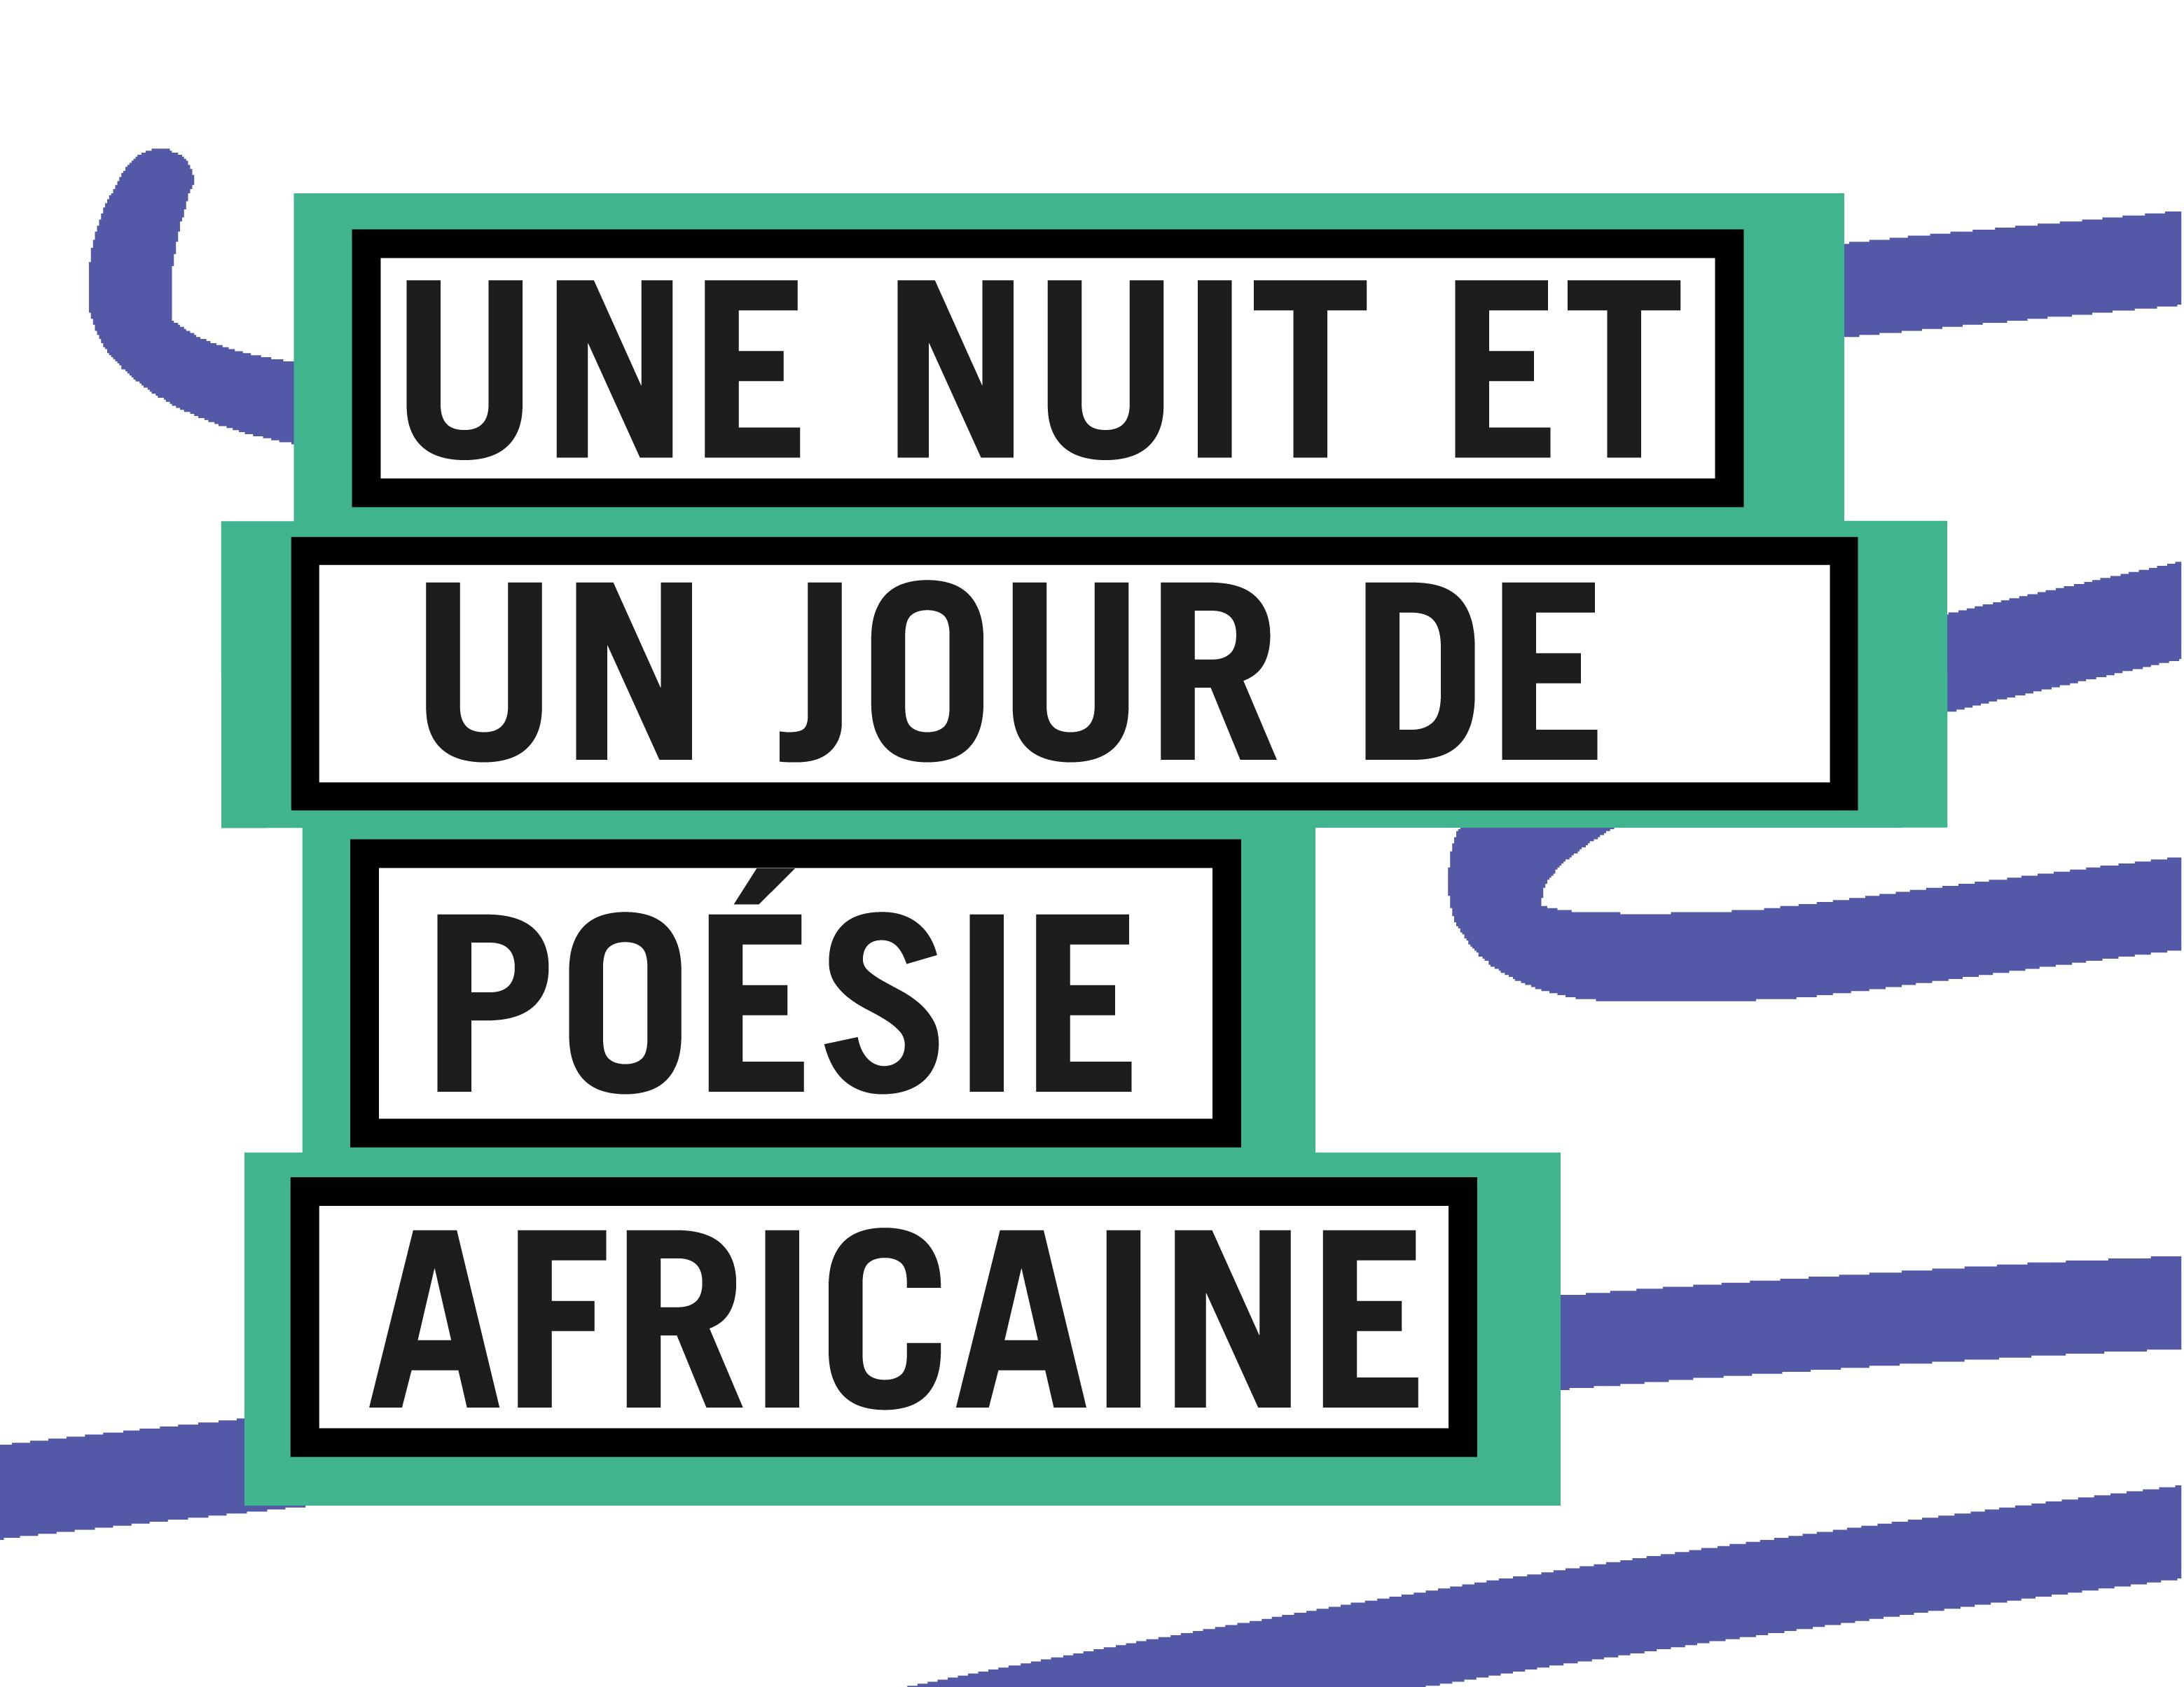 Une nuit et un jour de poésie africaine / Jour 2